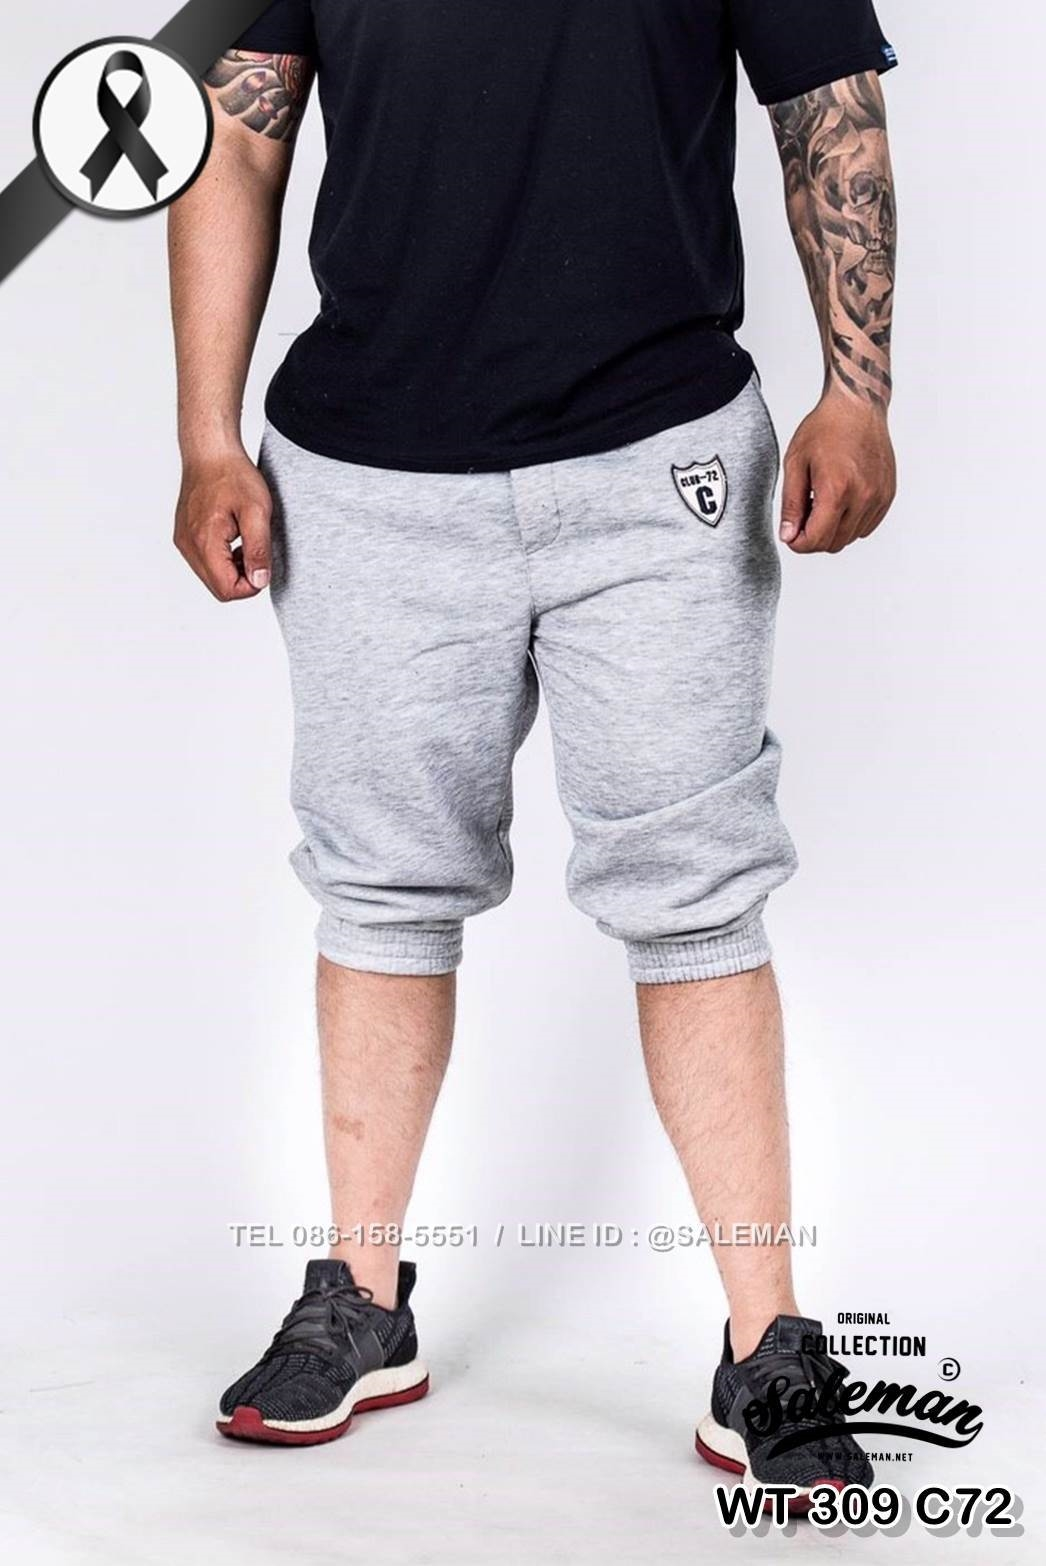 กางเกงสามส่วน พรีเมี่ยม ผ้า วอร์ม รหัส WT309 ฺฺU72 สีเทาอ่อน SUMMER SALE